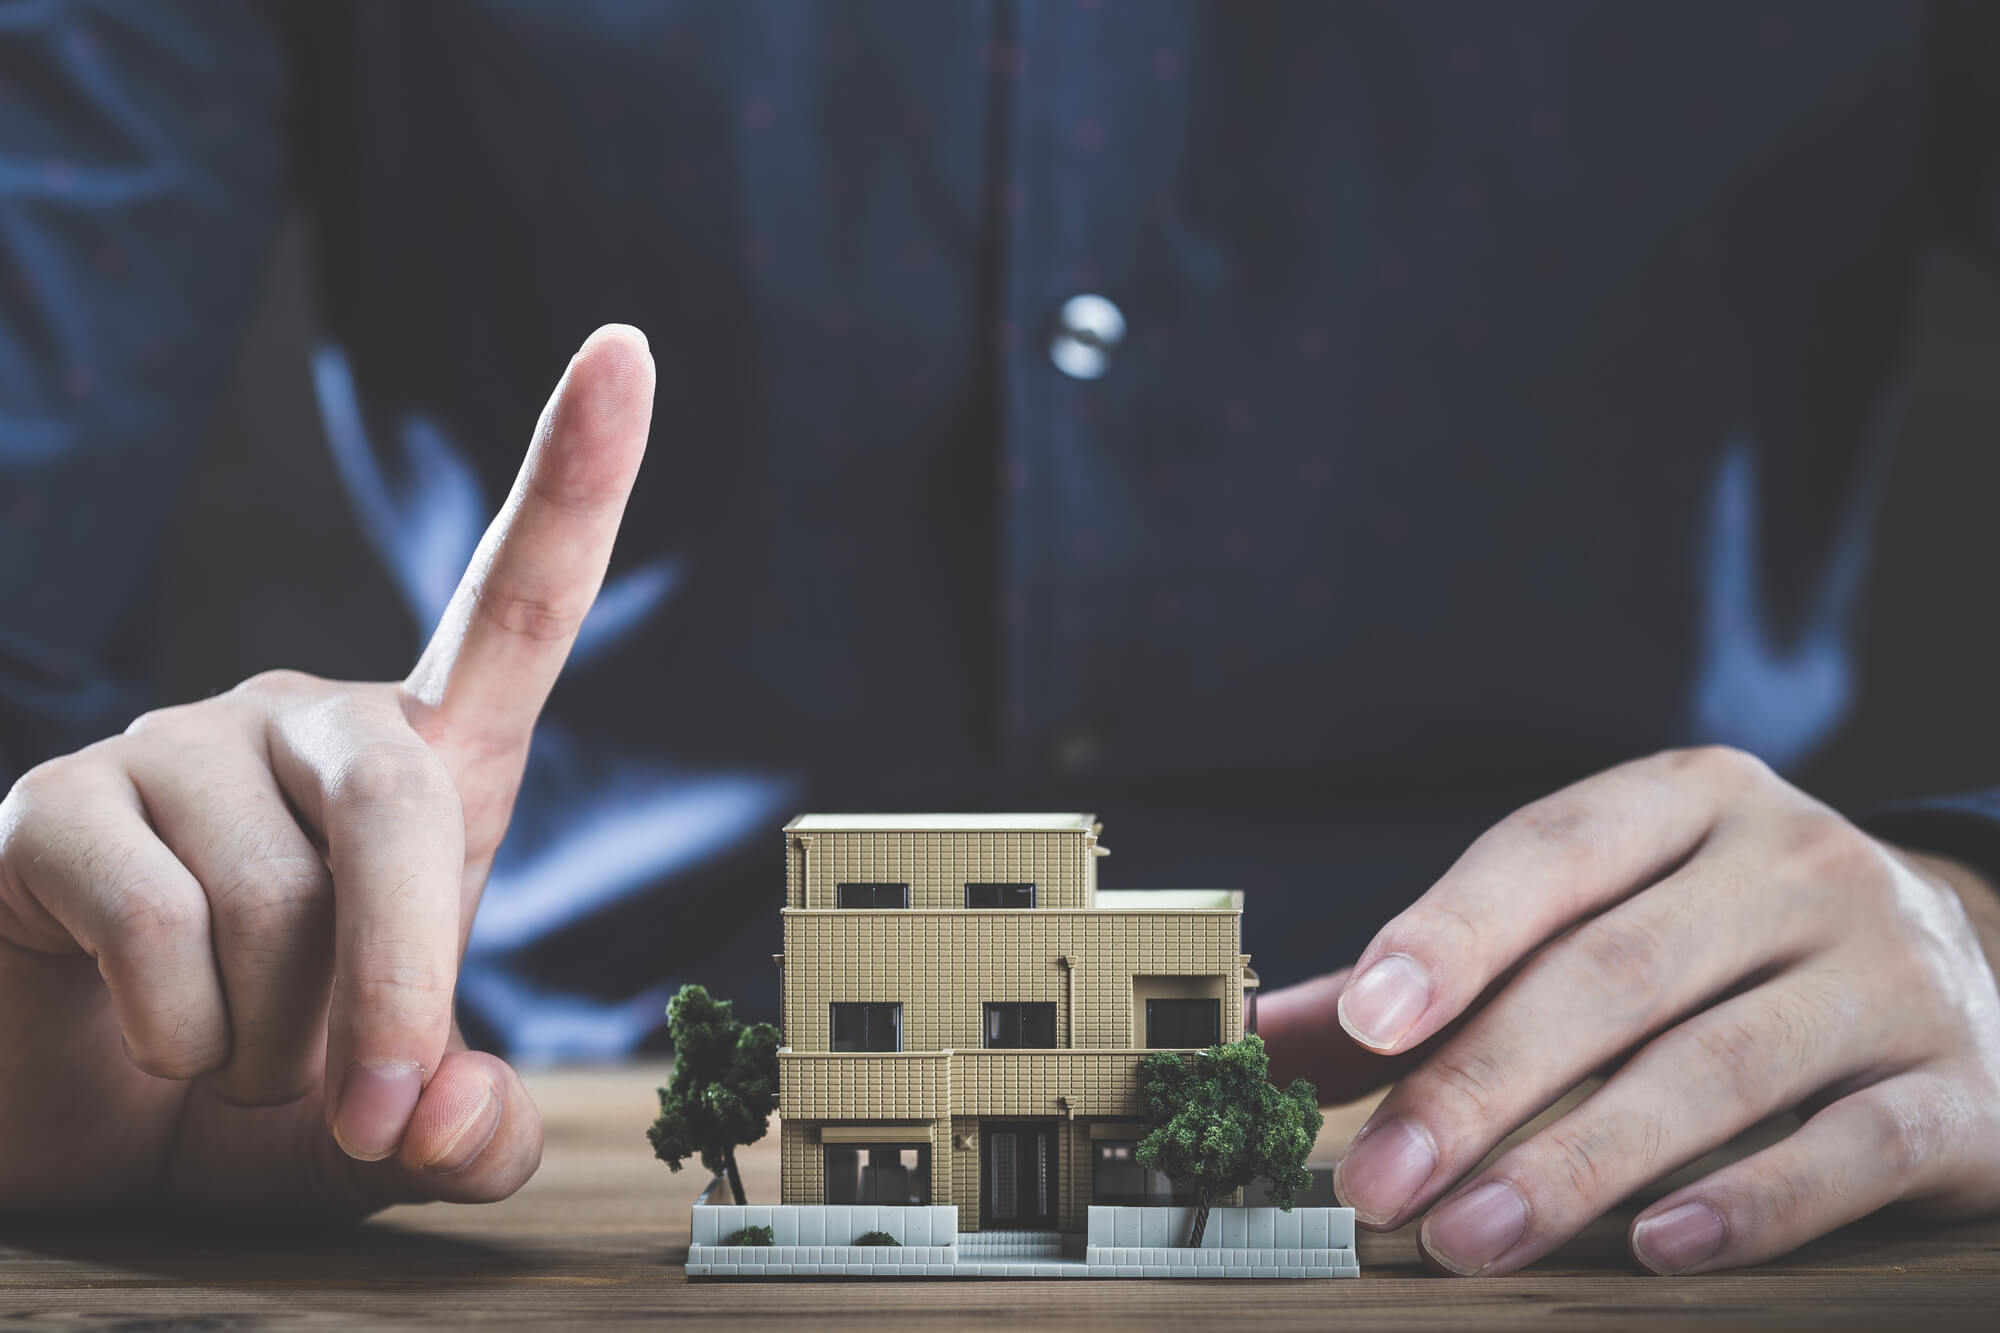 不動産投資で注目の民泊【メリット・デメリット・今後の展望を解説】